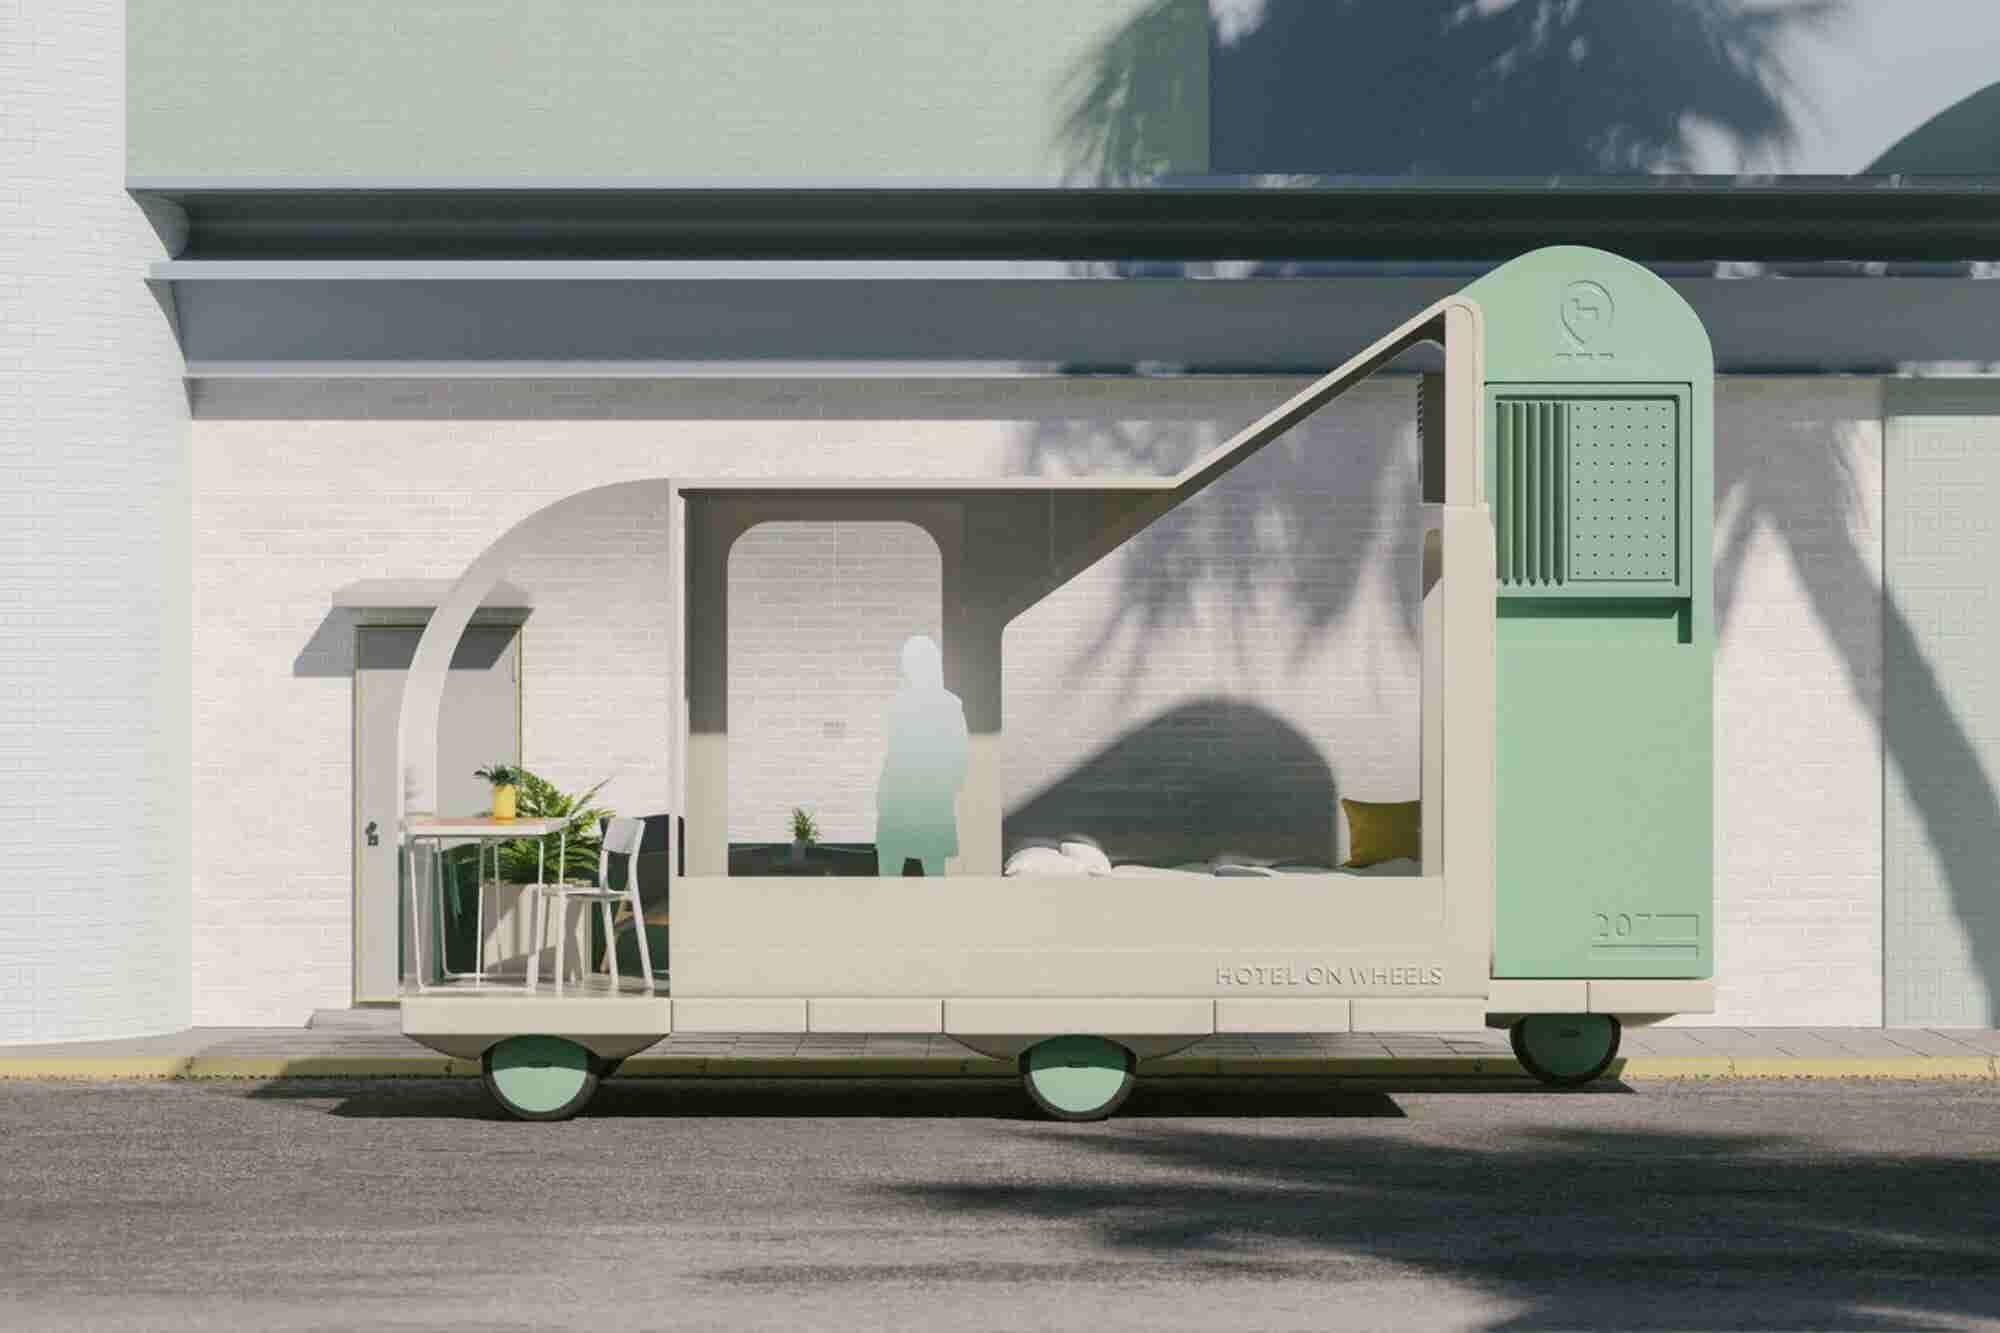 IKEA planea 7 autos autónomos que servirán como hoteles o tiendas ambulantes